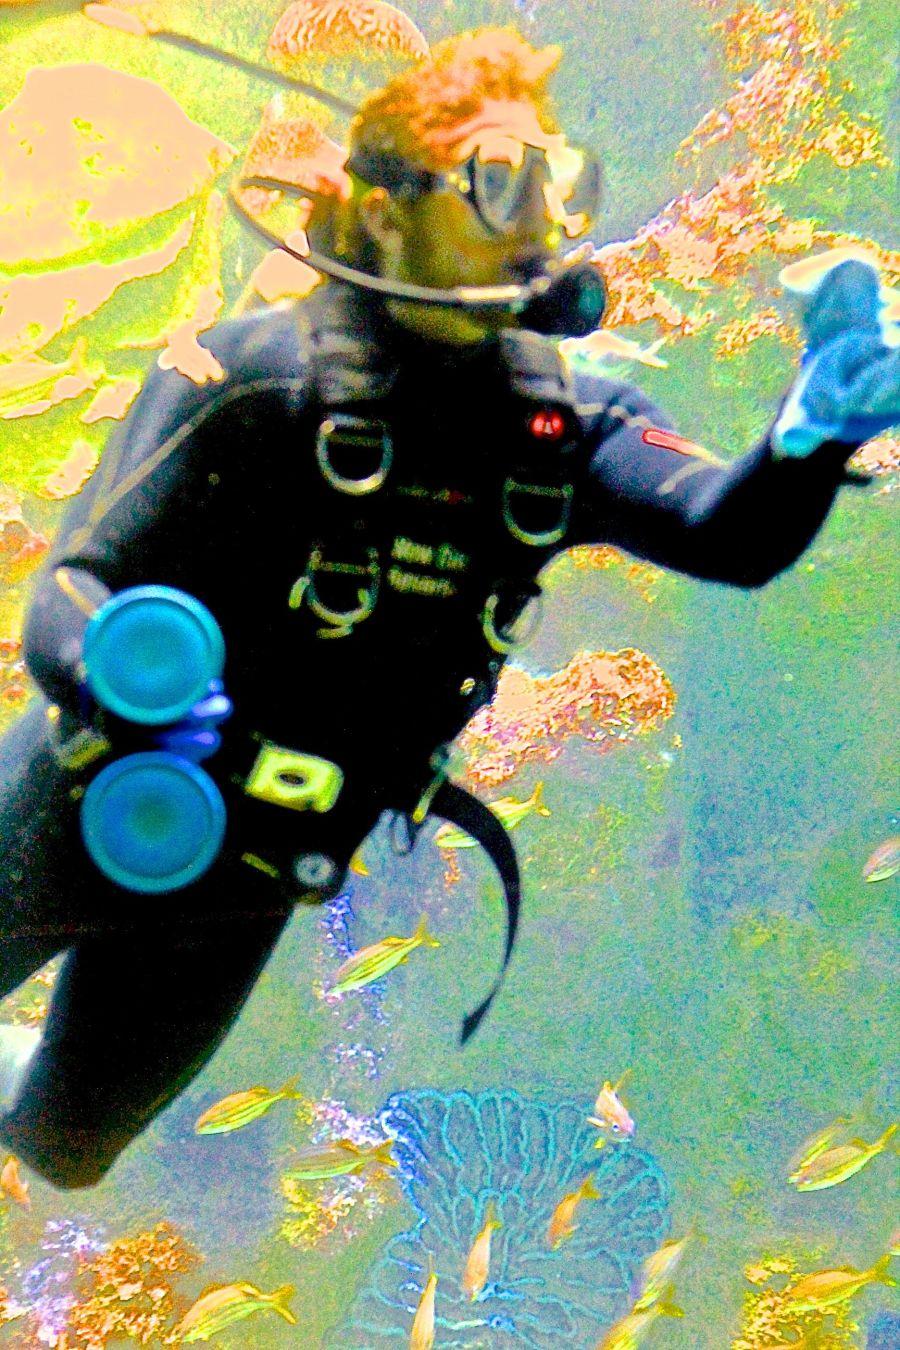 boston new england aquarium july 6 2015 scuba diver